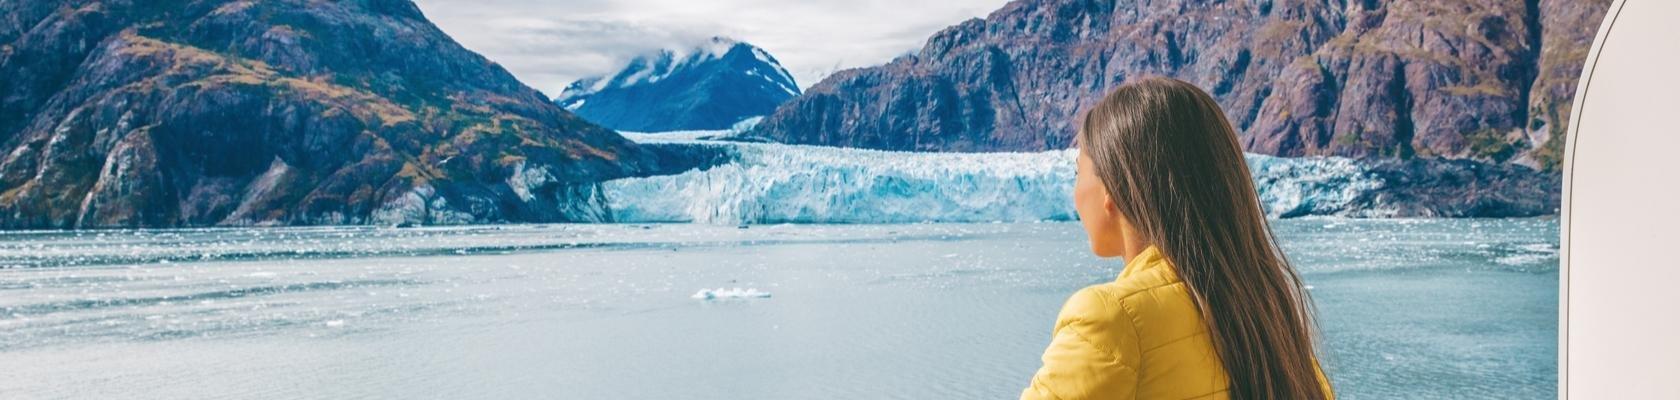 Uitzicht vanaf het schip op gletsjer